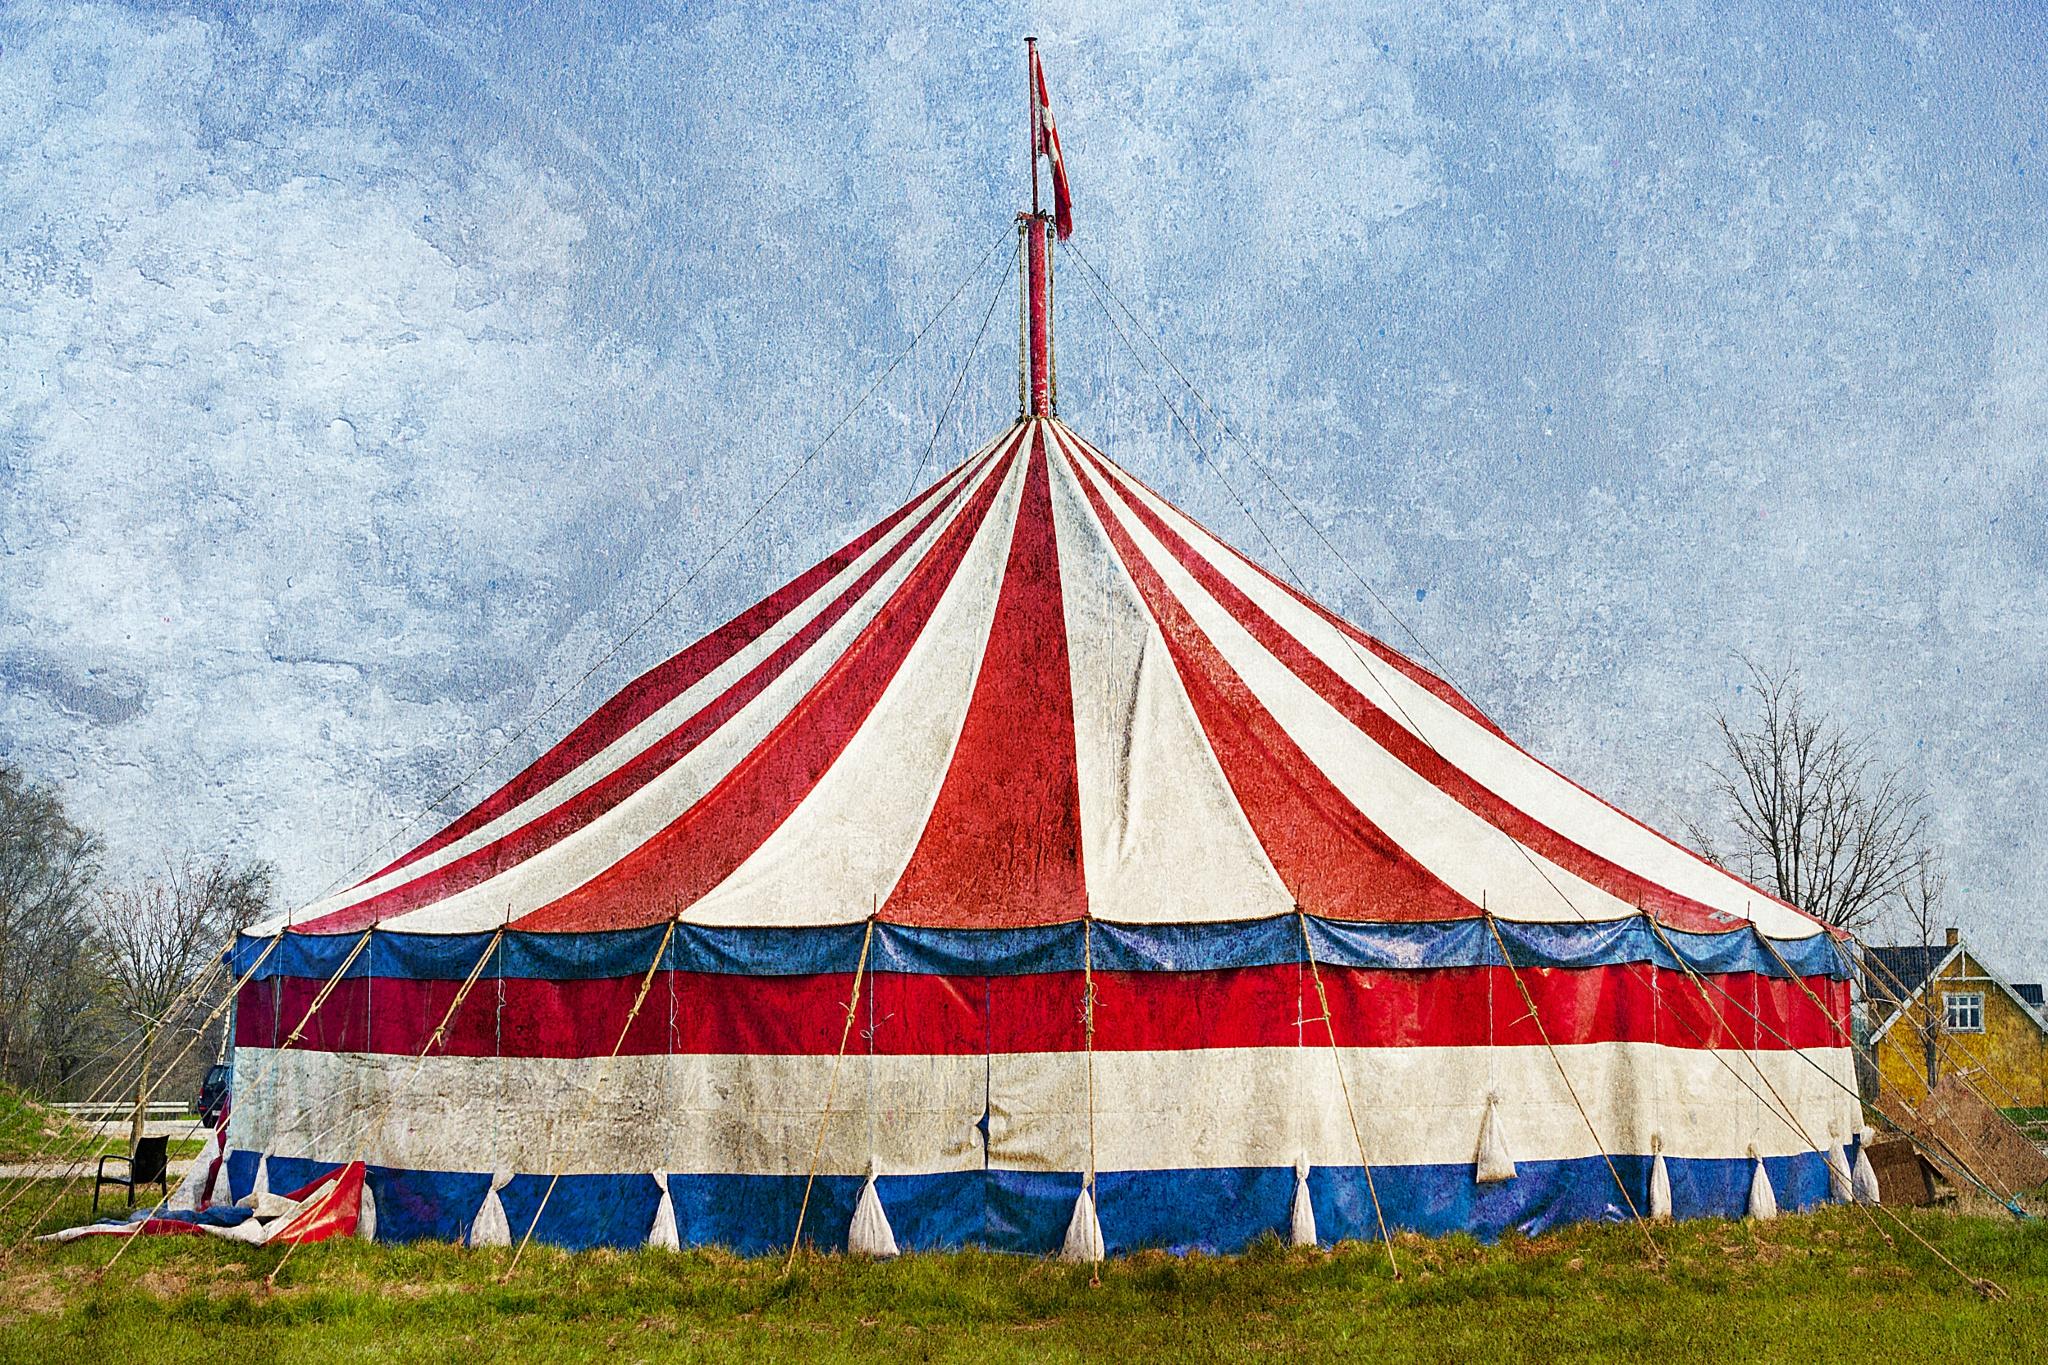 cirkus by Claus Christensen